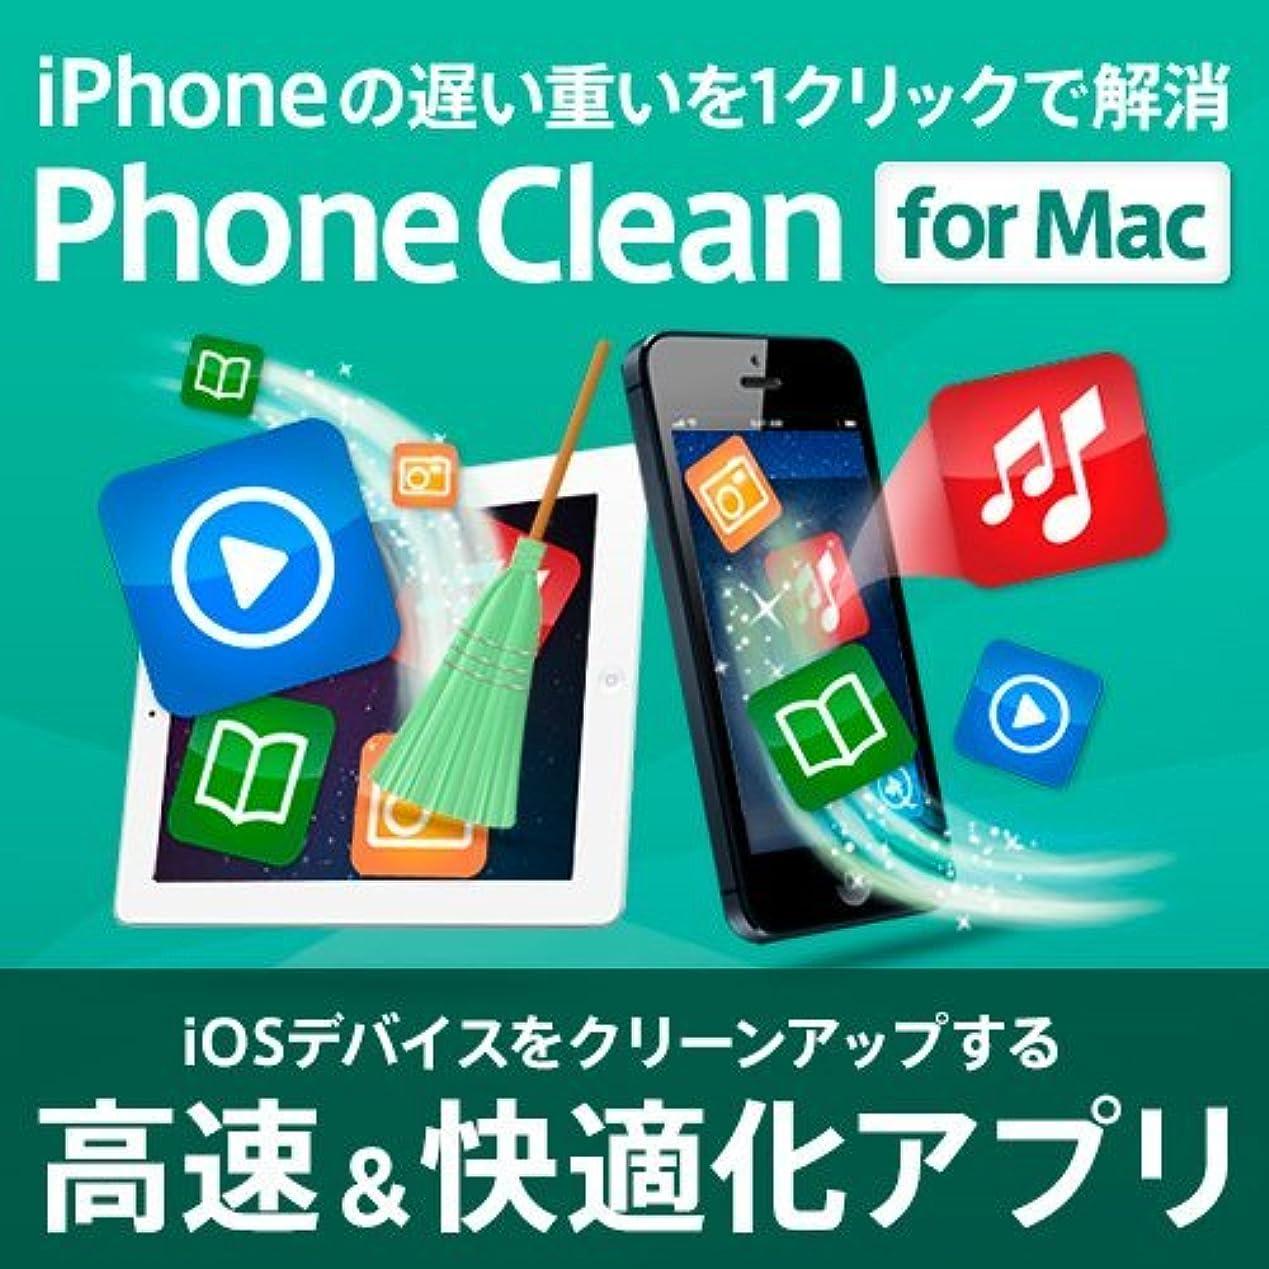 問い合わせグリーンランド知人【無料体験版】 PhoneClean 5 for Mac 【iPhone/クリーンアップ/ジャンクファイル?キャッシュ削除/個人情報保護】|ダウンロード版